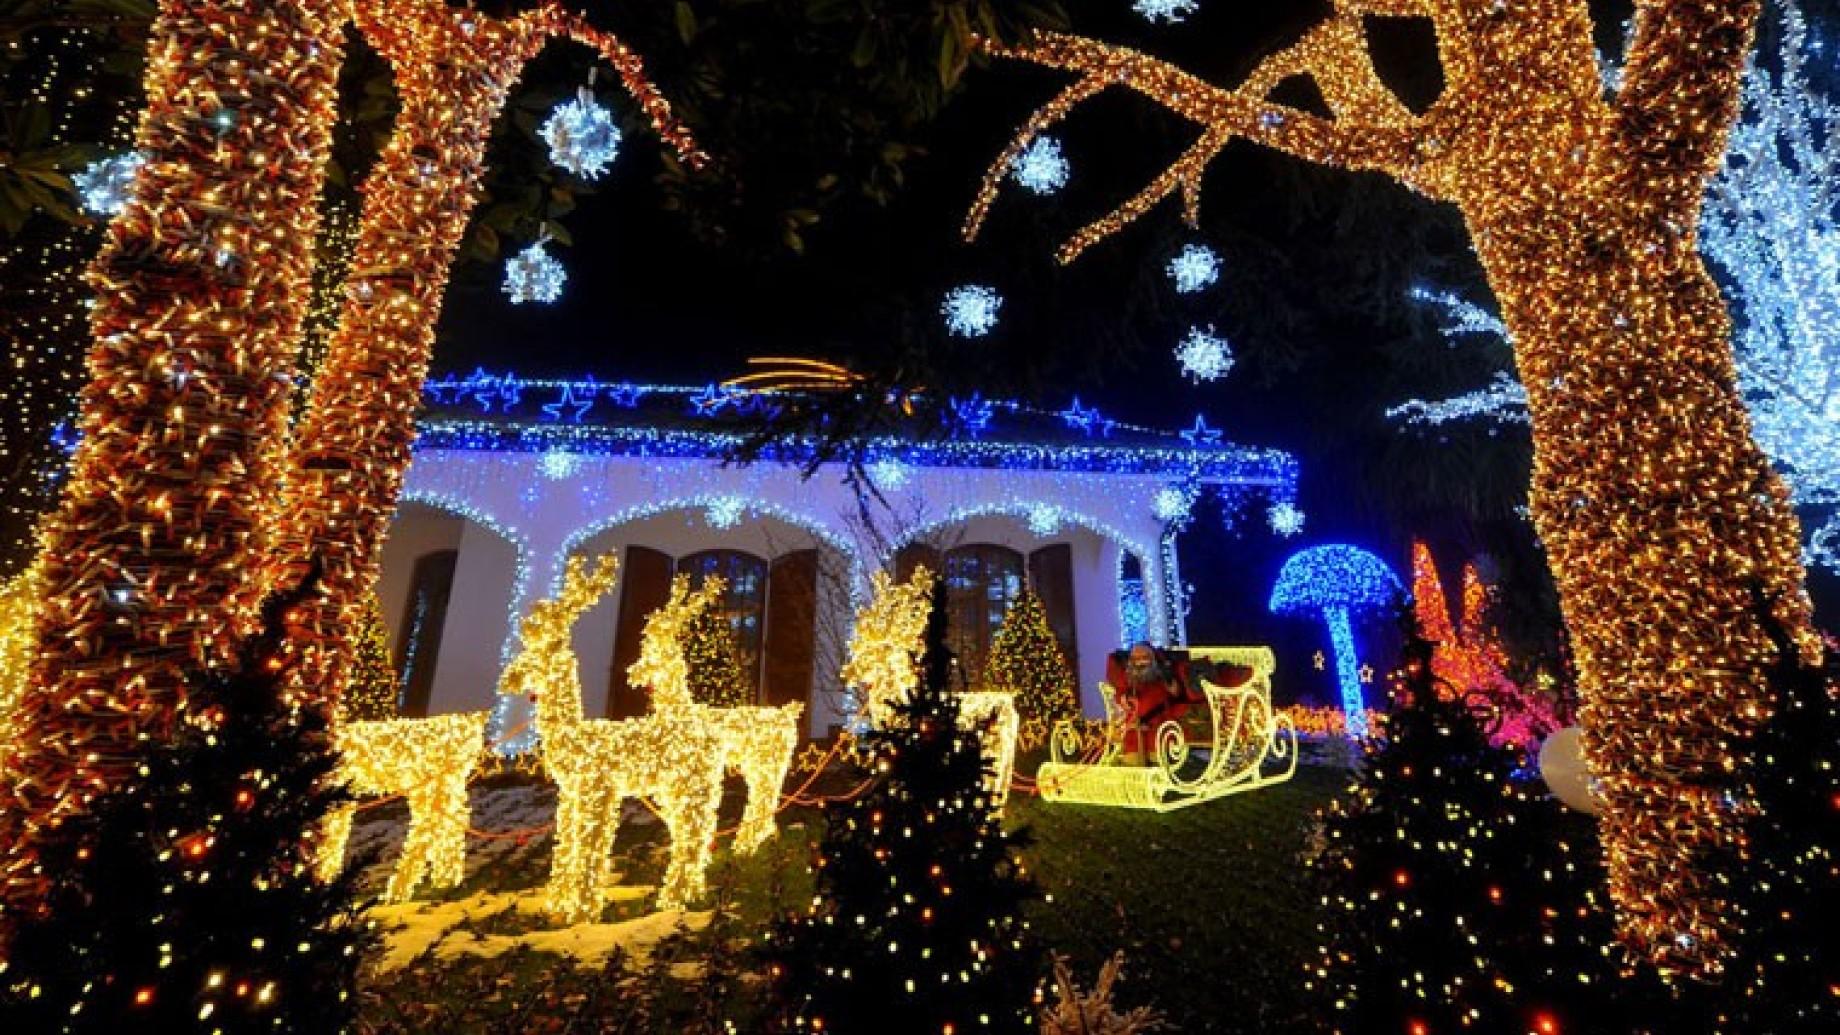 Parco Di Babbo Natale.La Casa Di Babbo Natale Alle Porte Di Milano Torna Lo Show Gratis